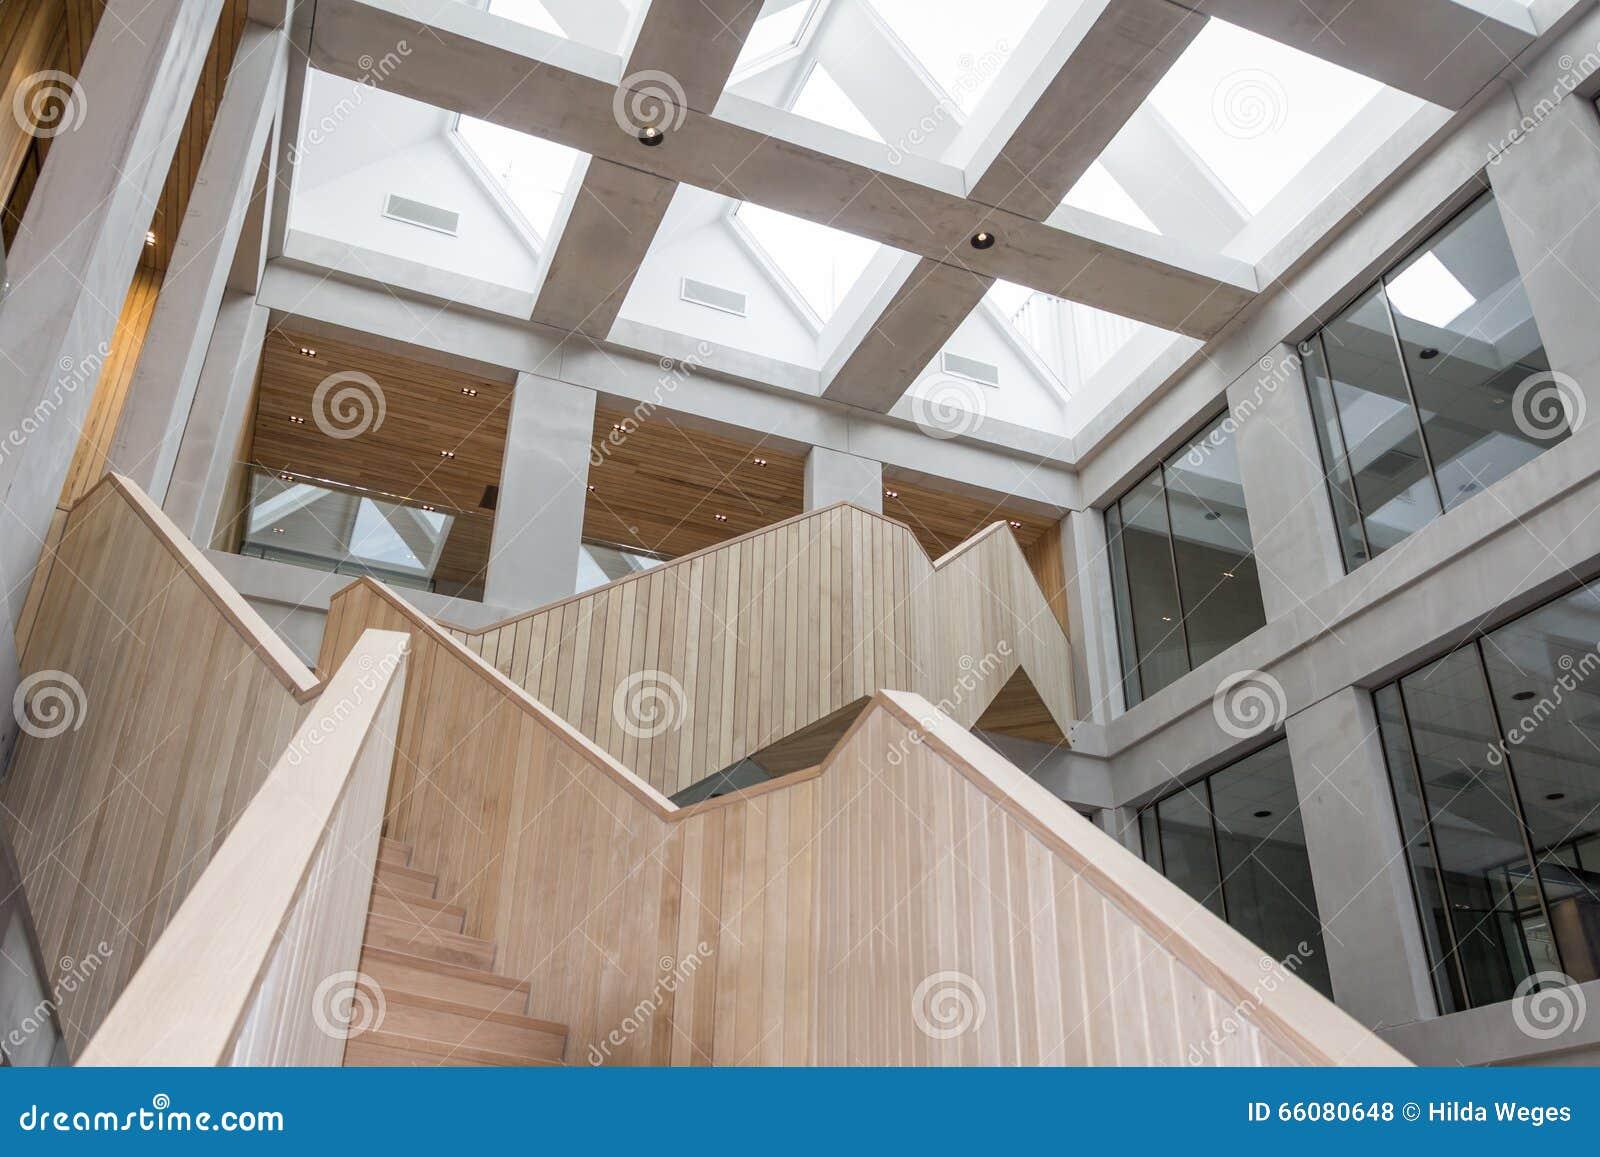 瓦赫宁恩,荷兰, - 2016年1月26日:瓦赫宁恩大学在瓦赫宁恩